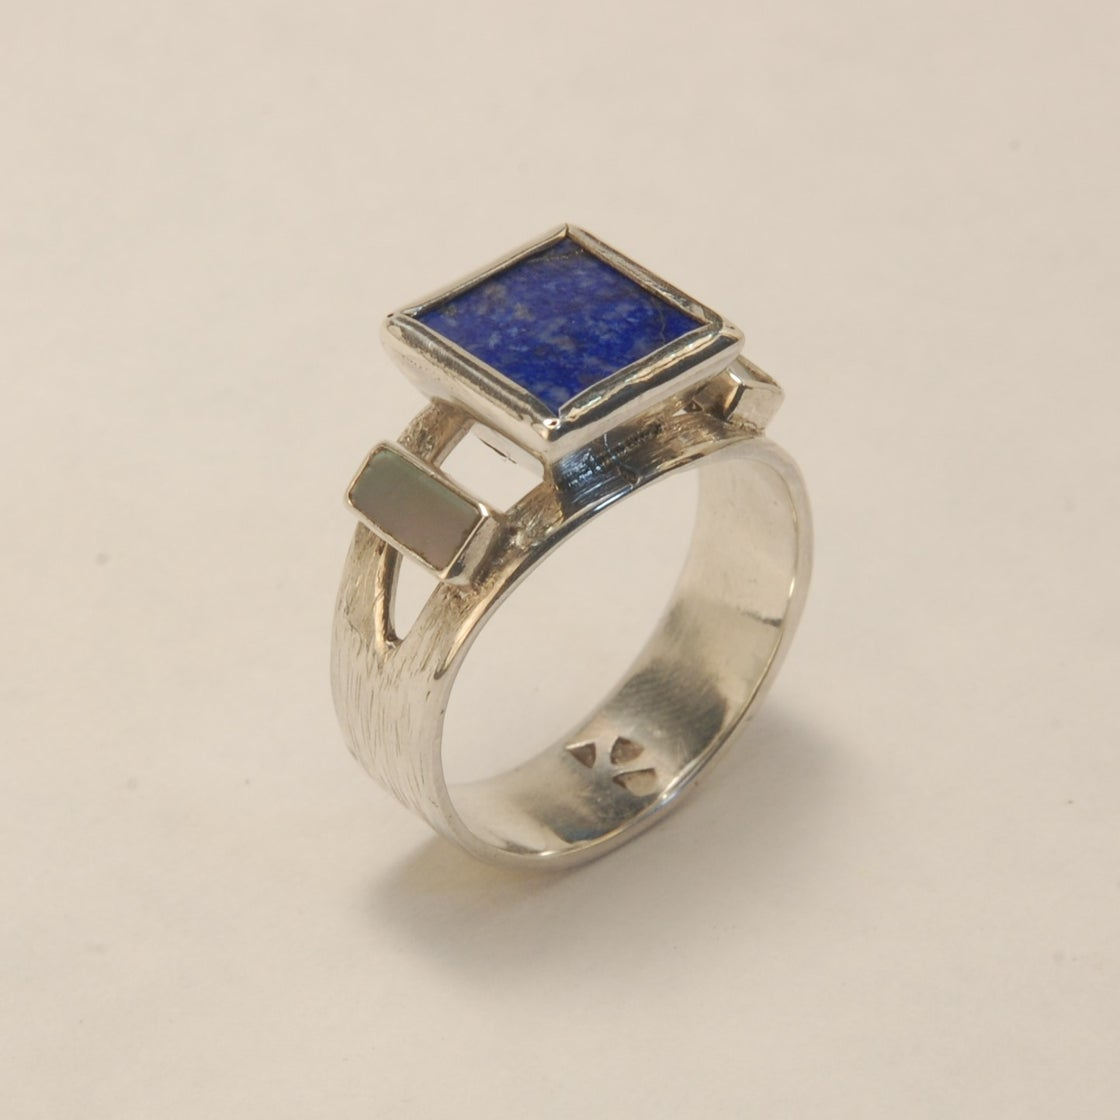 Image of Lapis Lazuli Air & Water Ring size 8 ¾